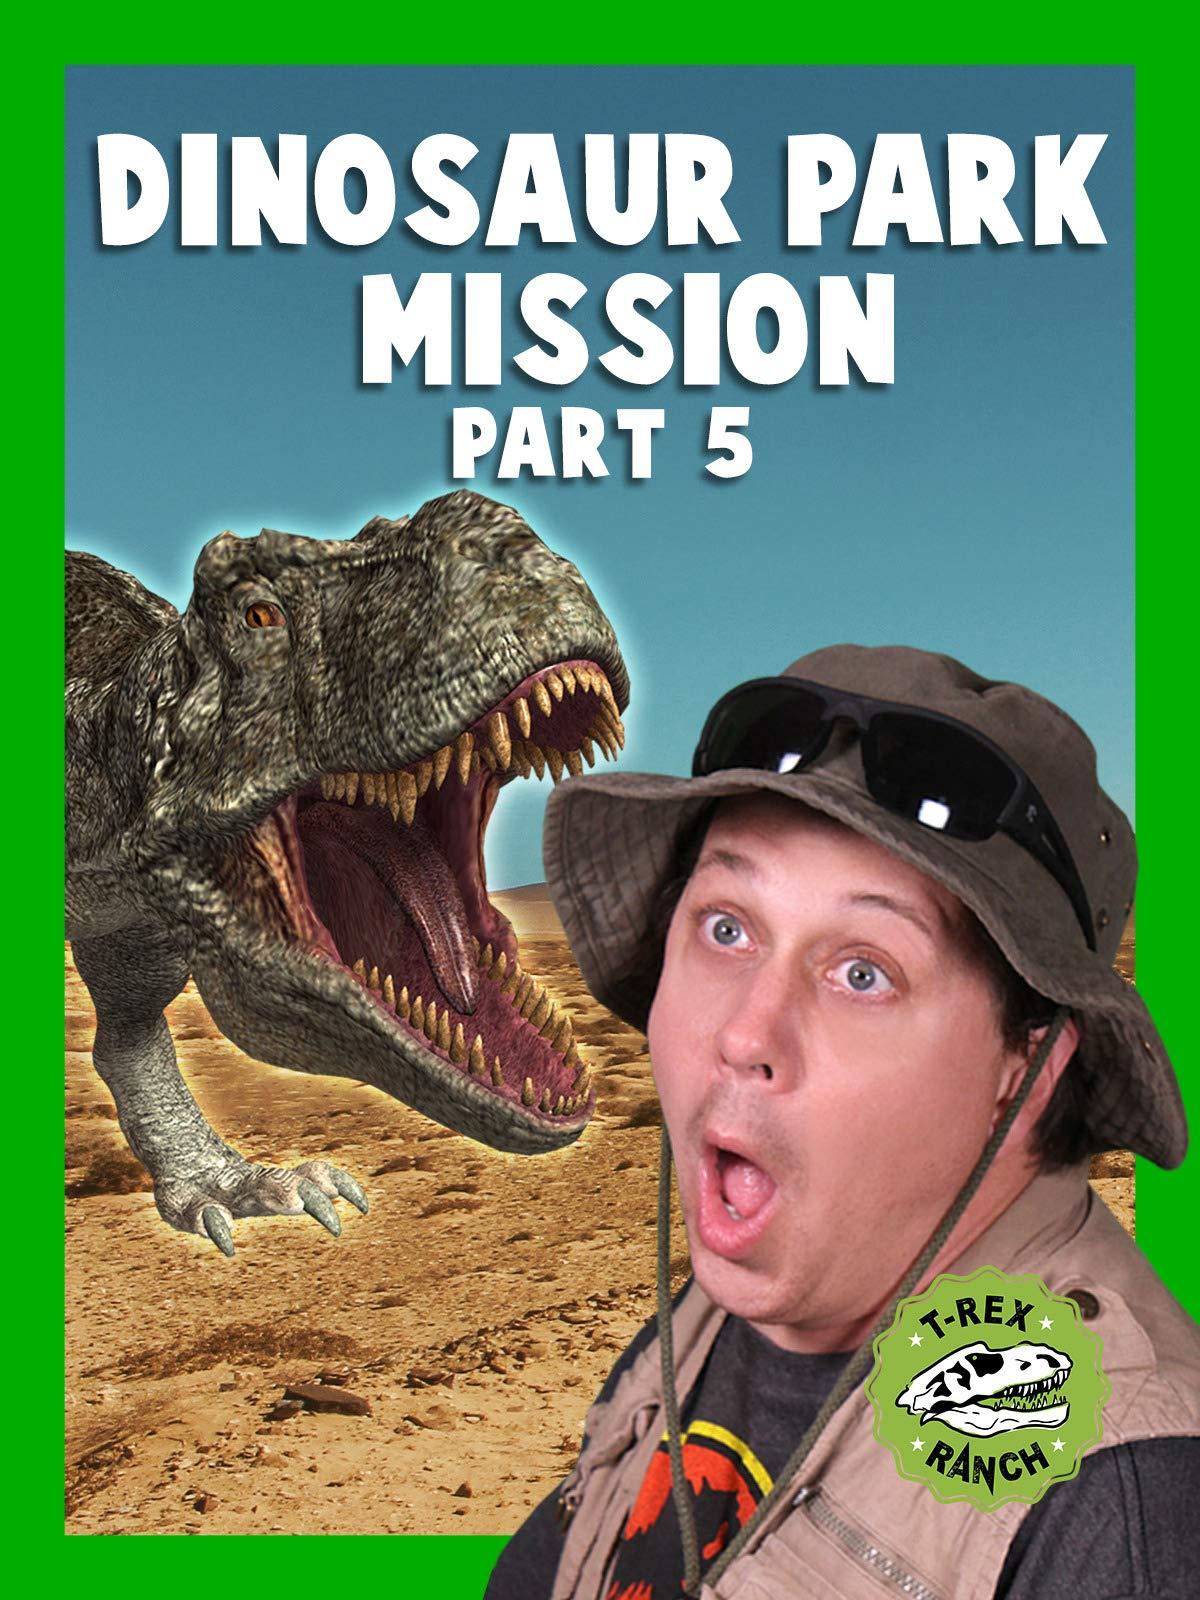 Dinosaur Park Mission Part 5 - T-Rex Ranch